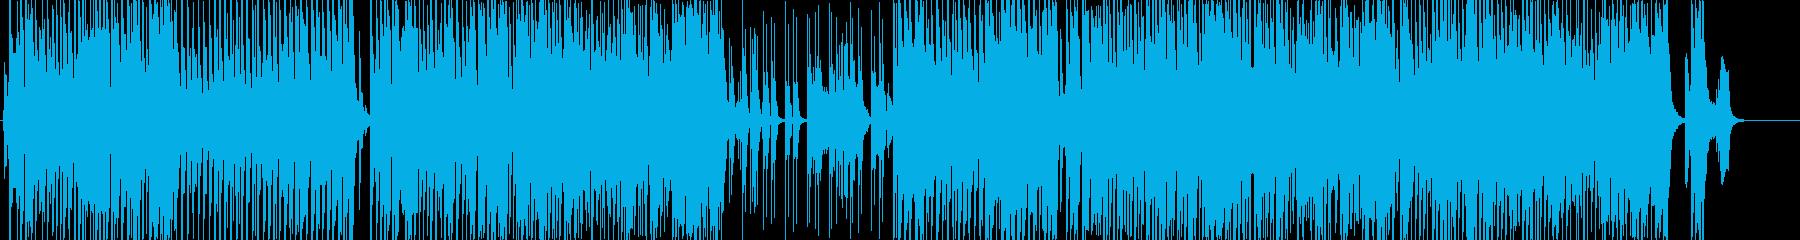 刹雷の再生済みの波形